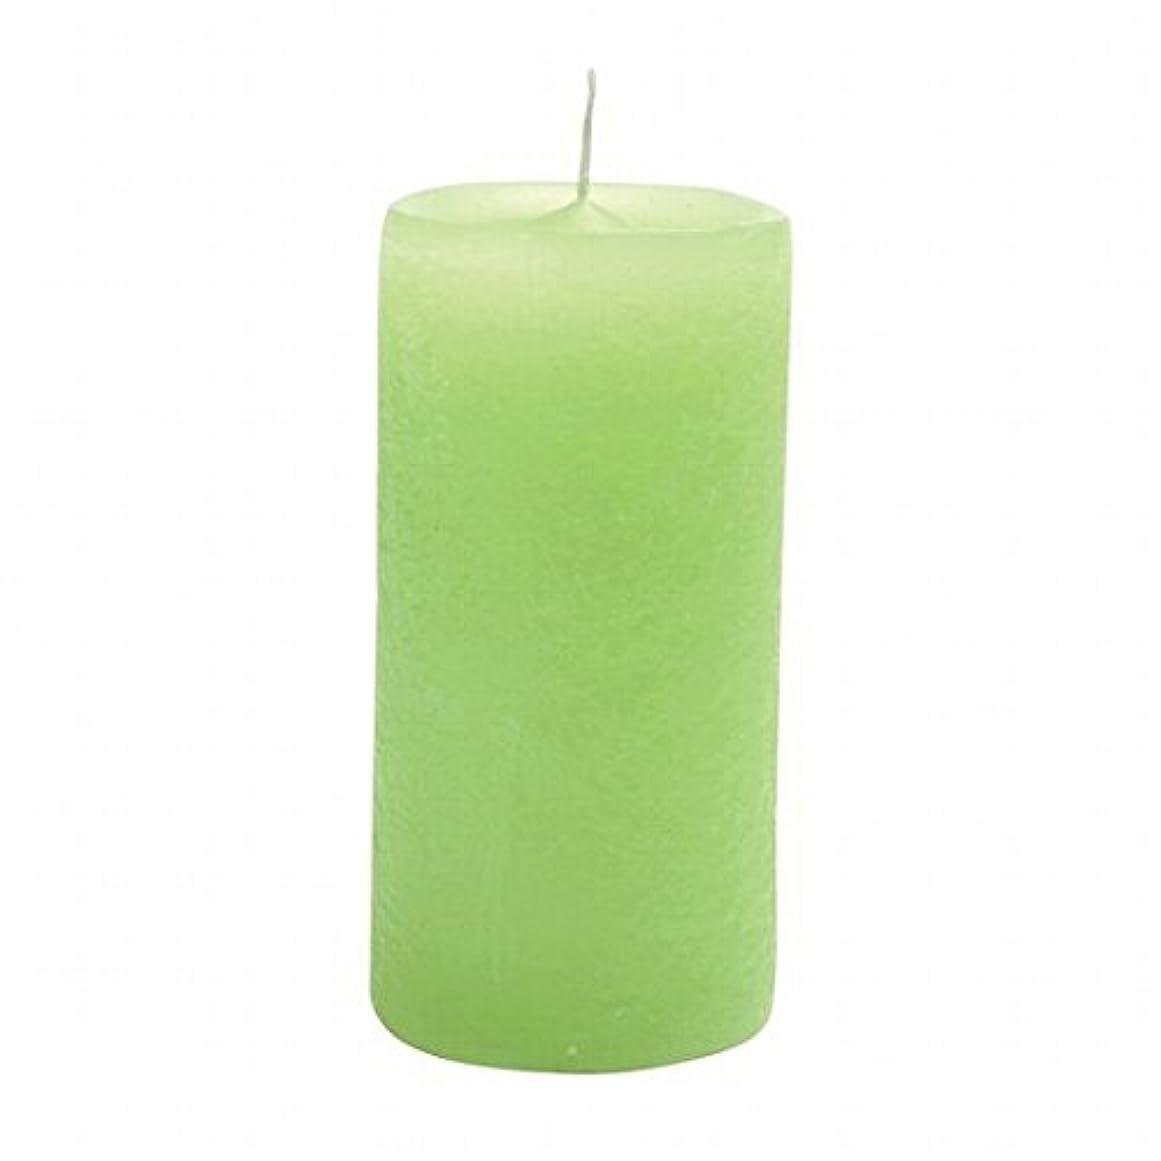 行動コントローラプレゼントヤンキーキャンドル(YANKEE CANDLE) ラスティクピラー50×100 「 ライトグリーン 」